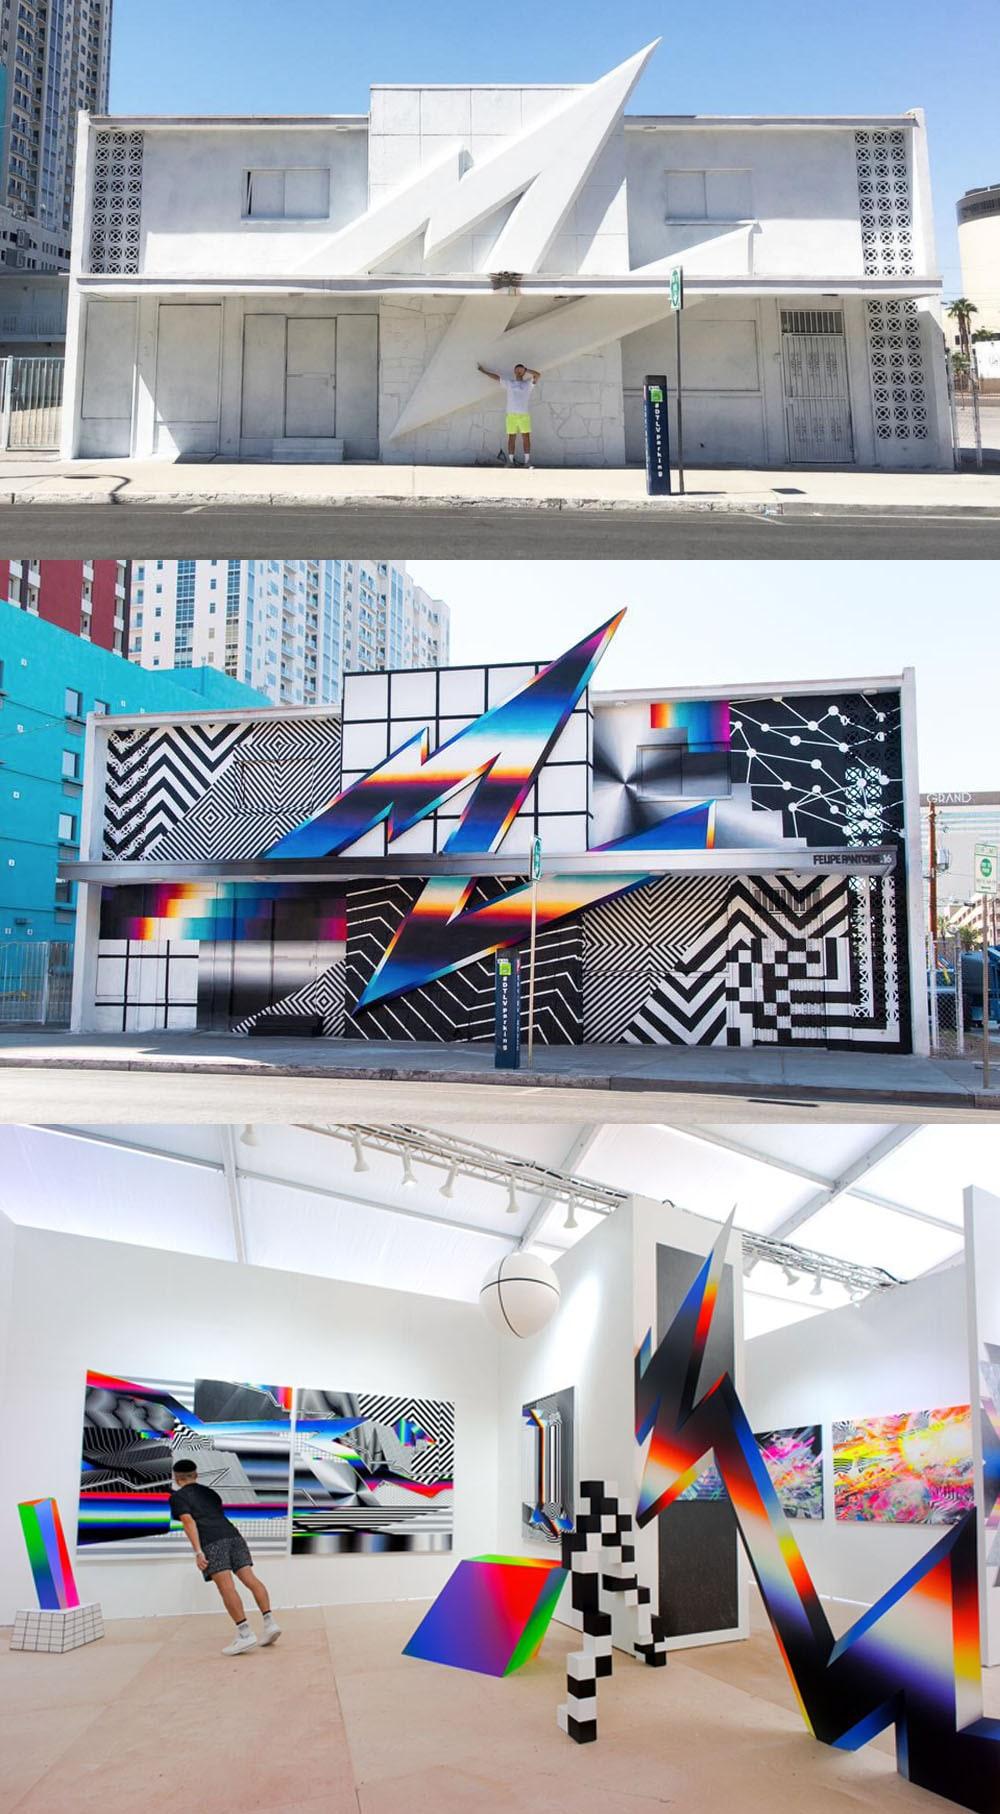 Conheça o grafite retrô, cinético e 3D do artista Felipe Pantone stylo urbano